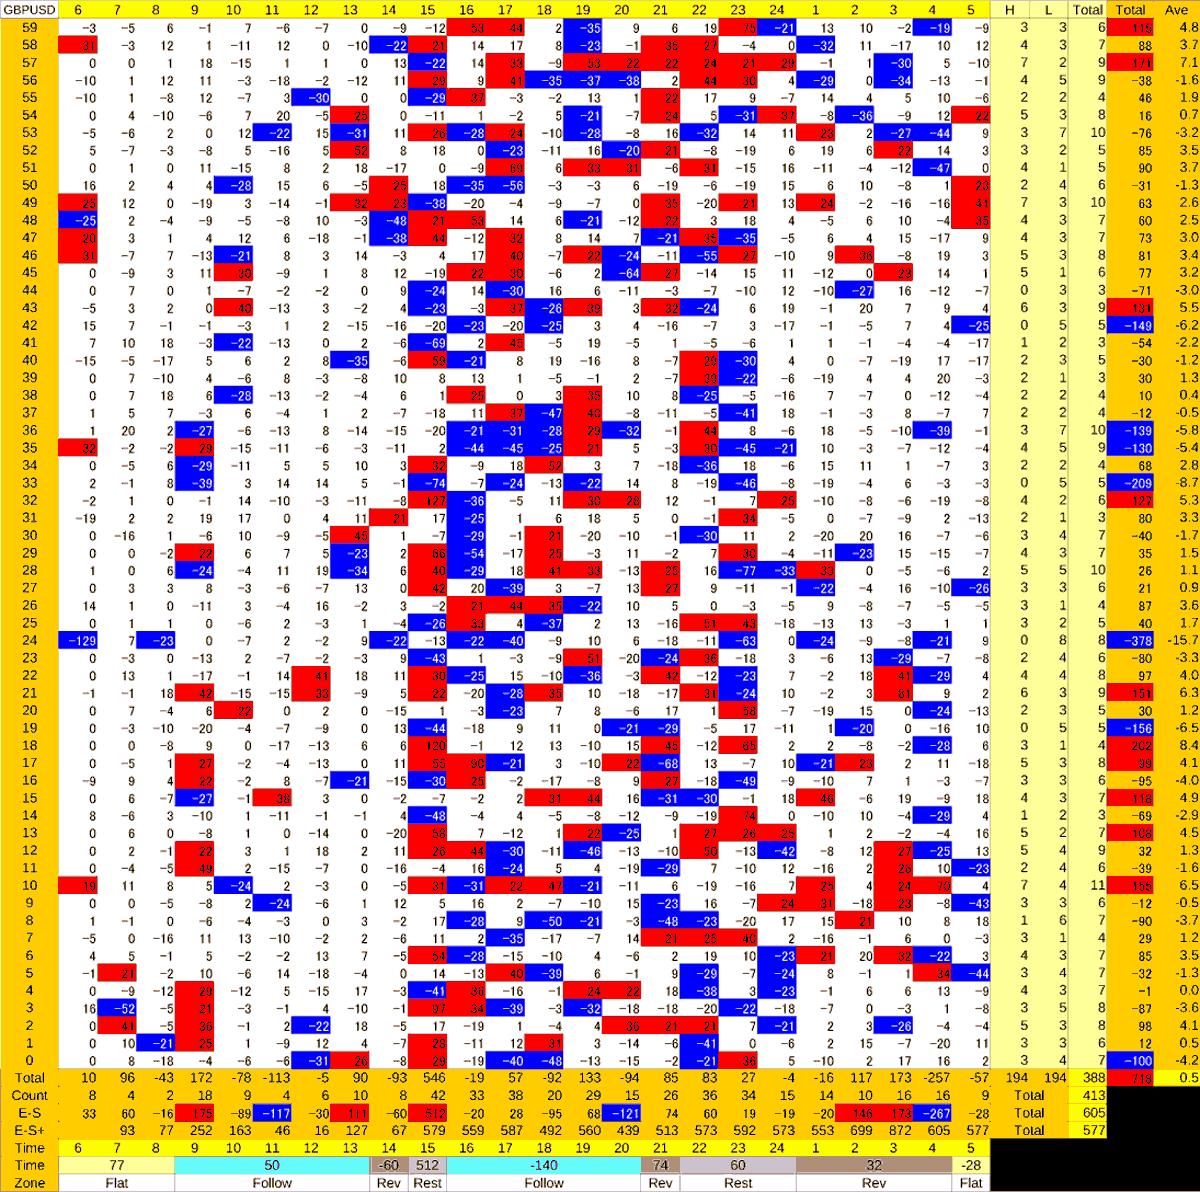 20200519_HS(2)GBPUSD